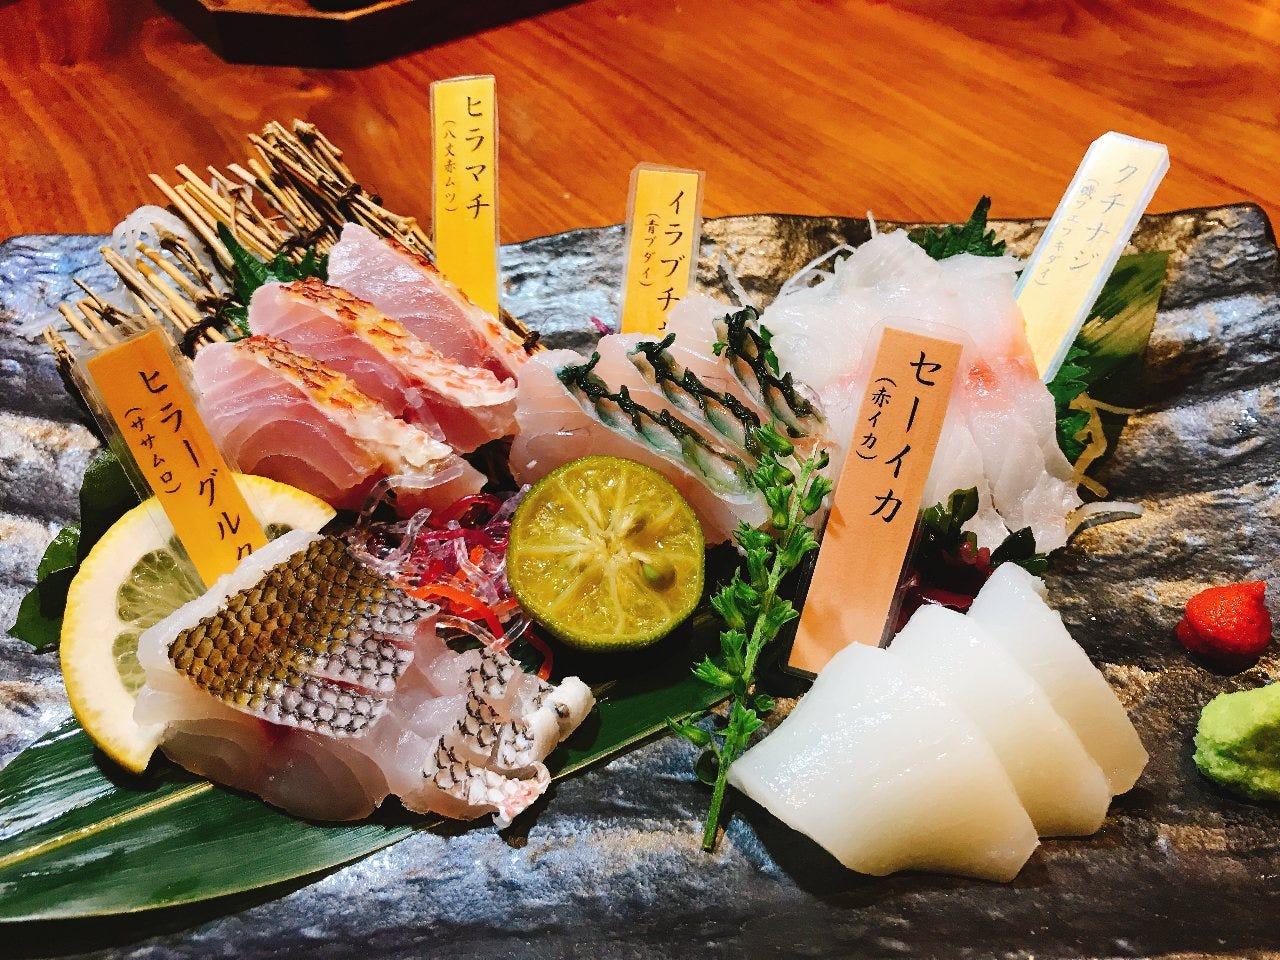 うりずん自慢の島魚は那覇市泊漁港からの直送品!!